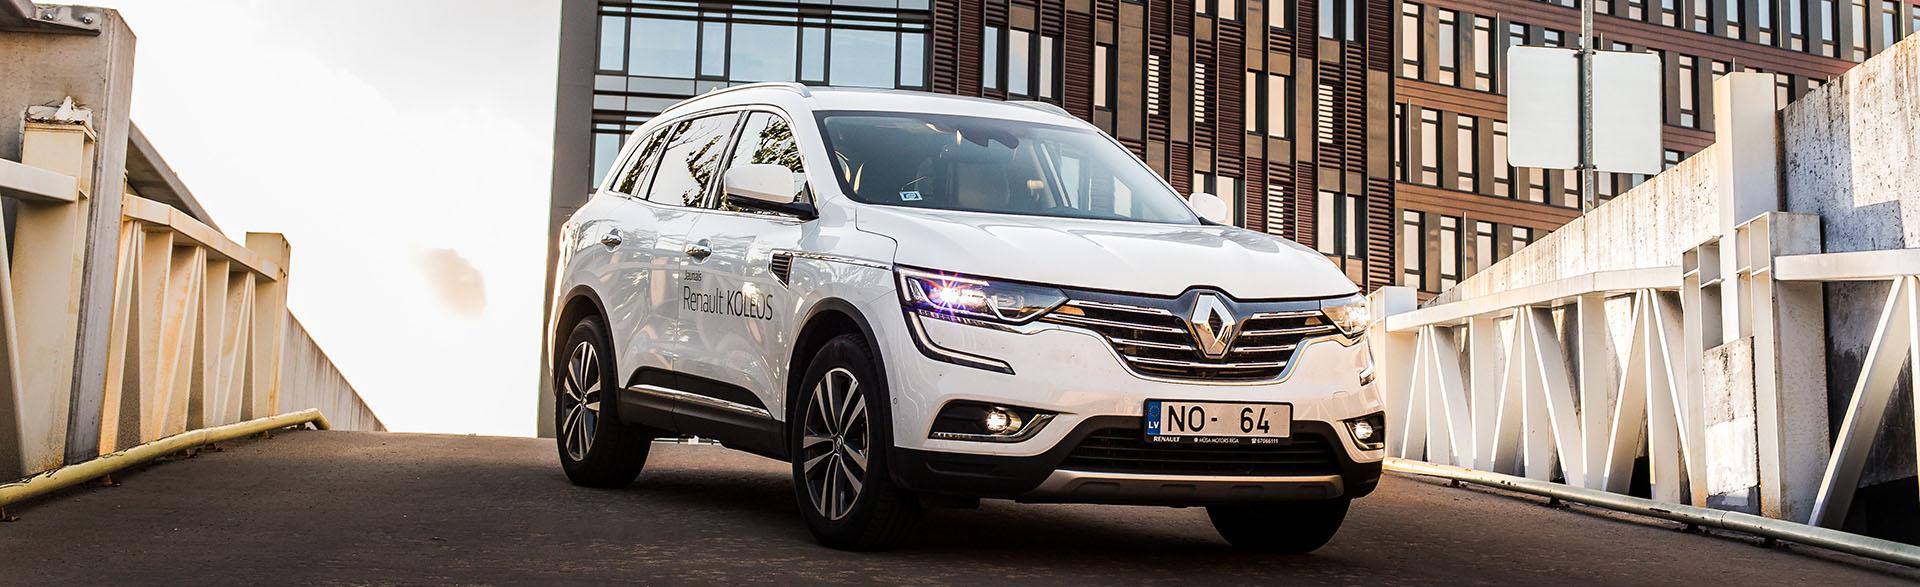 Renault Gebrauchtwagen bestellen